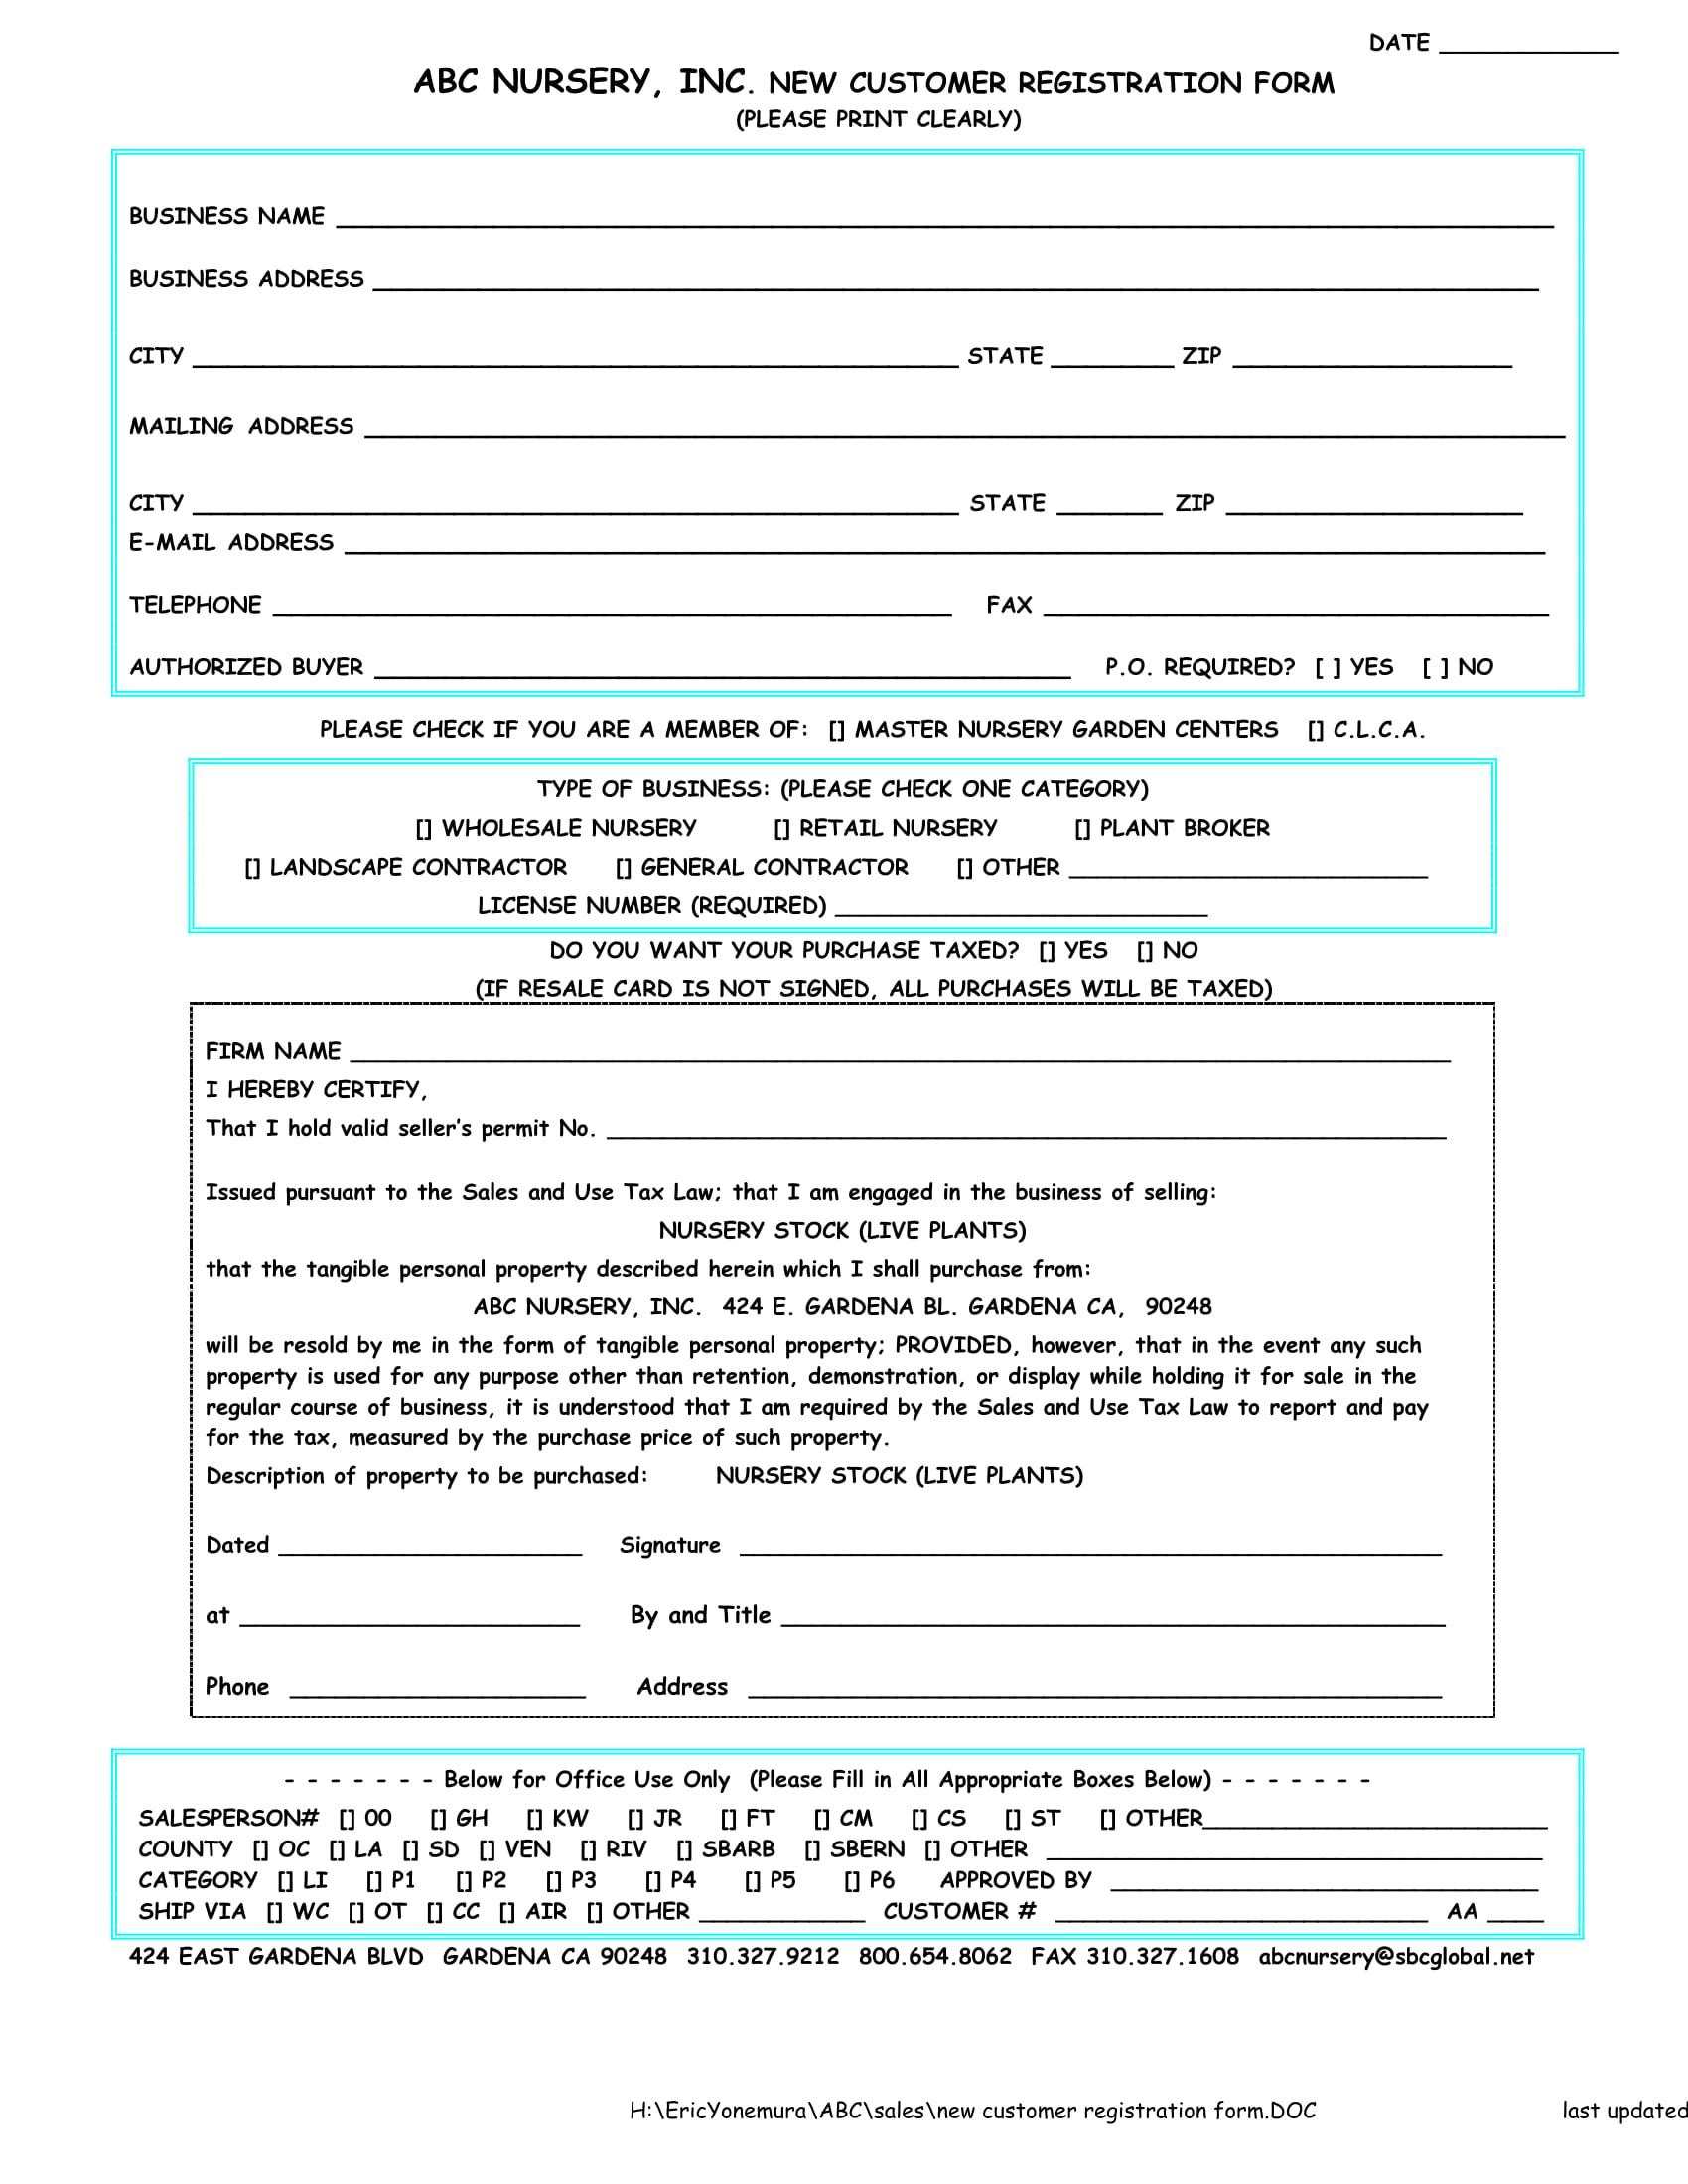 new nursery customer registration form 1